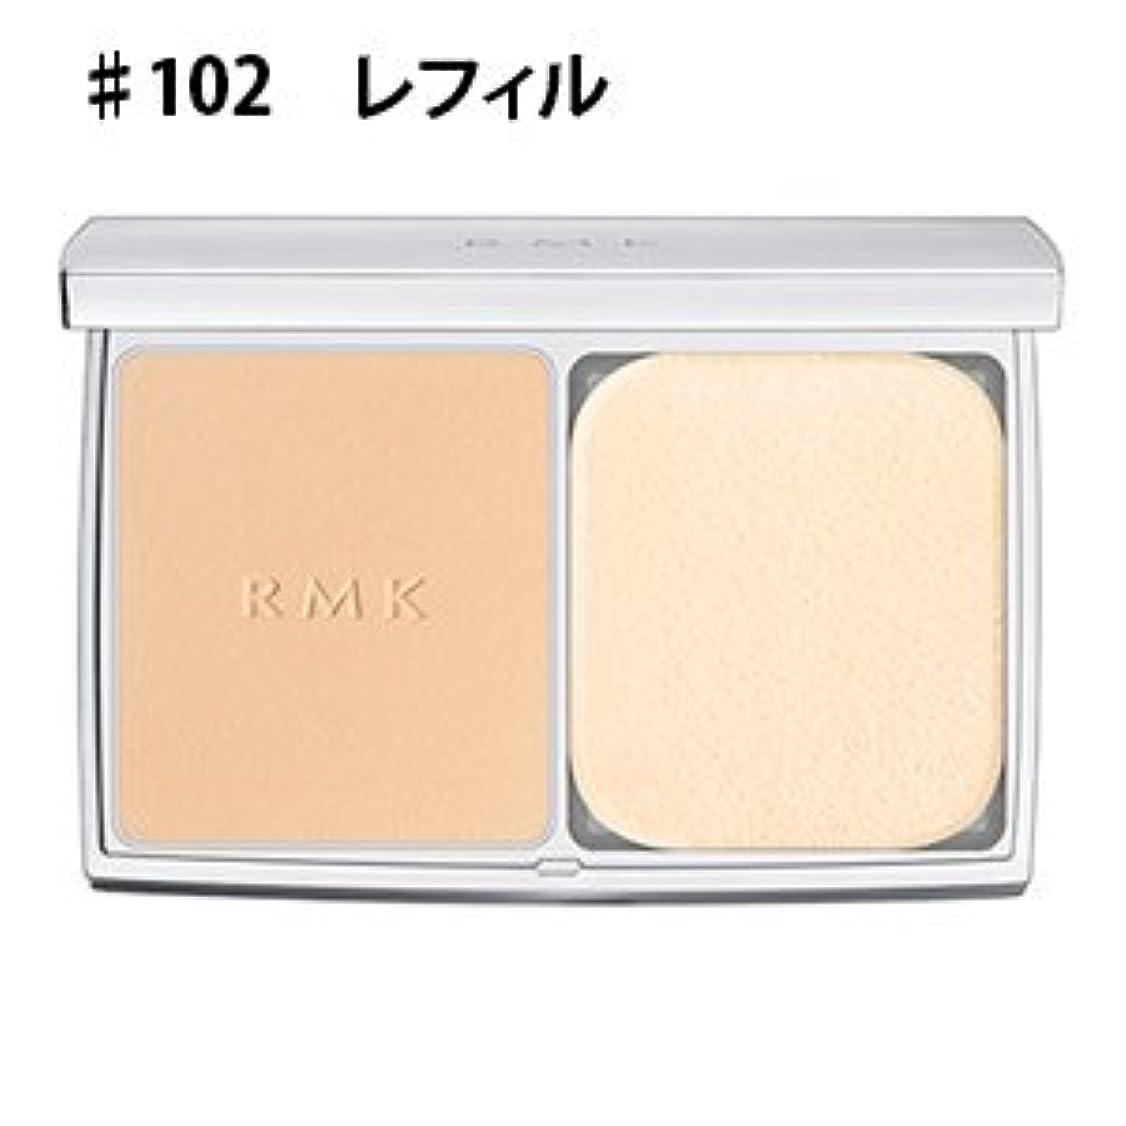 ラップ騒乱残る【RMK ファンデーション】RMK UV ファンデーション レフィル #102 【並行輸入品】